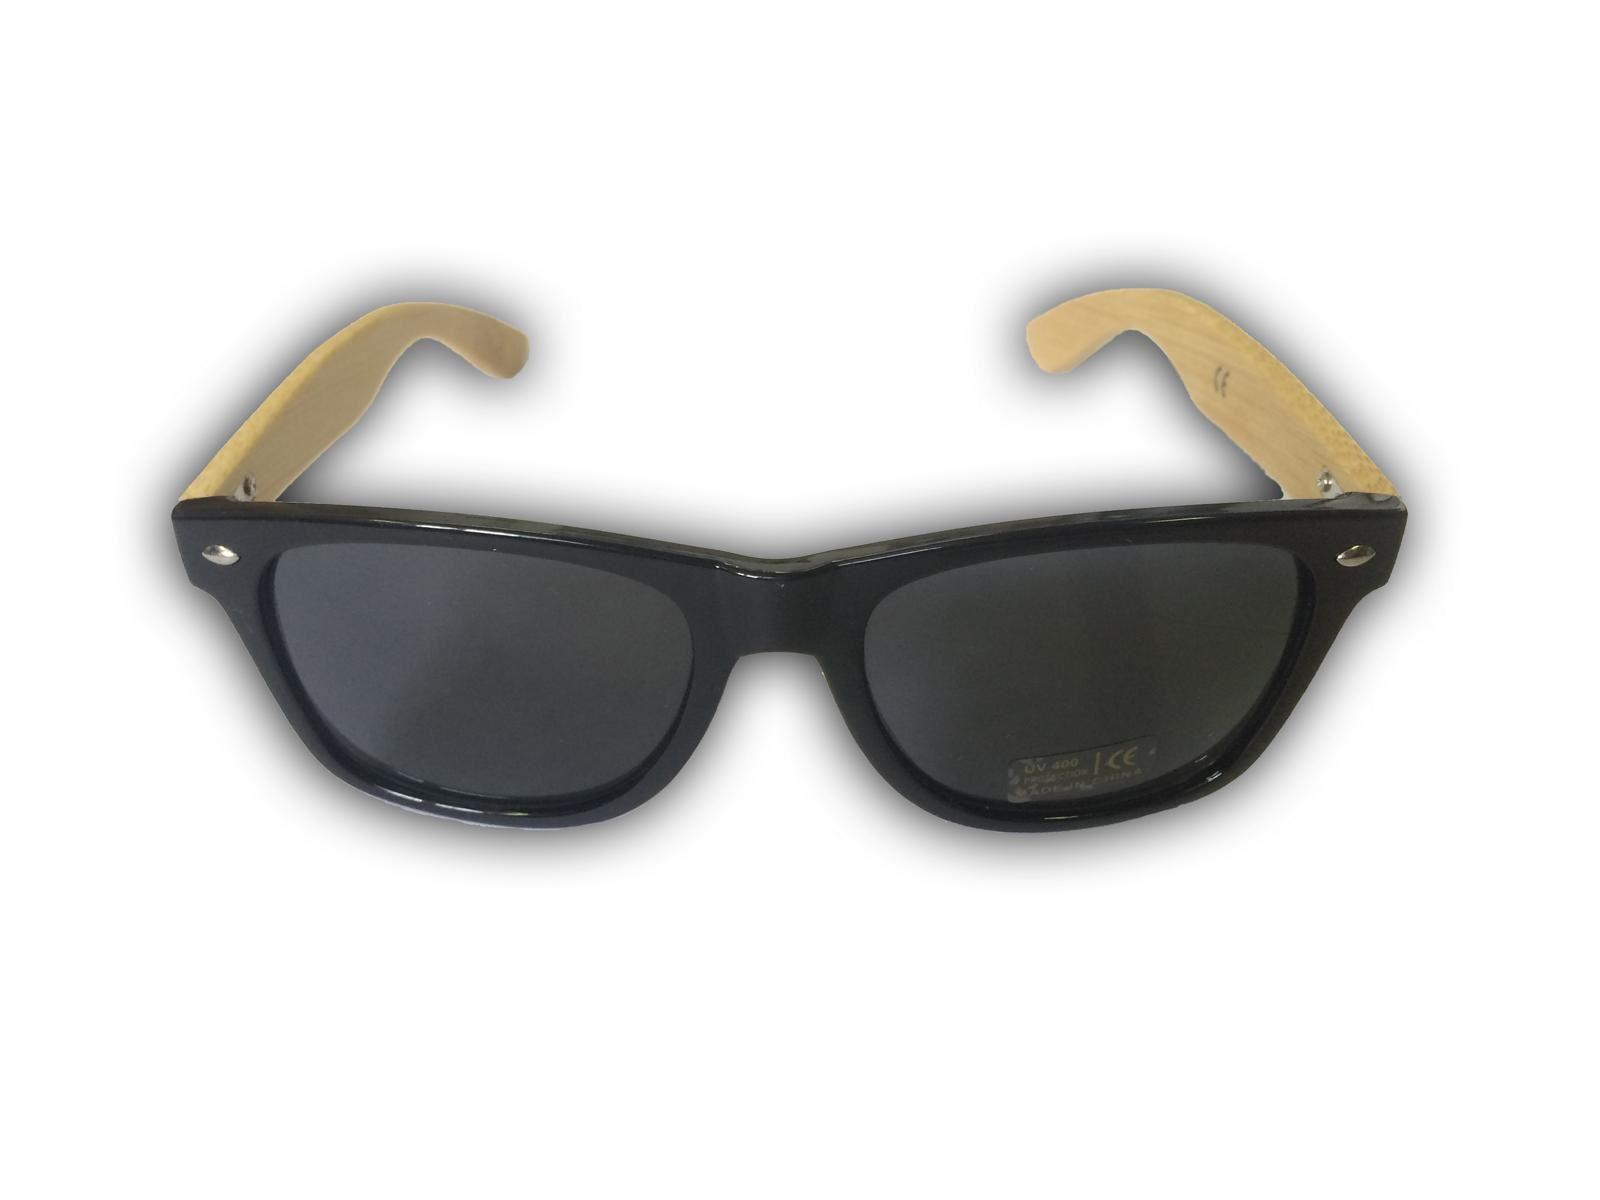 aee2e722f Drevené slnečné okuliare - čierne. Obrázok z Drevené slnečné okuliare -  čierne